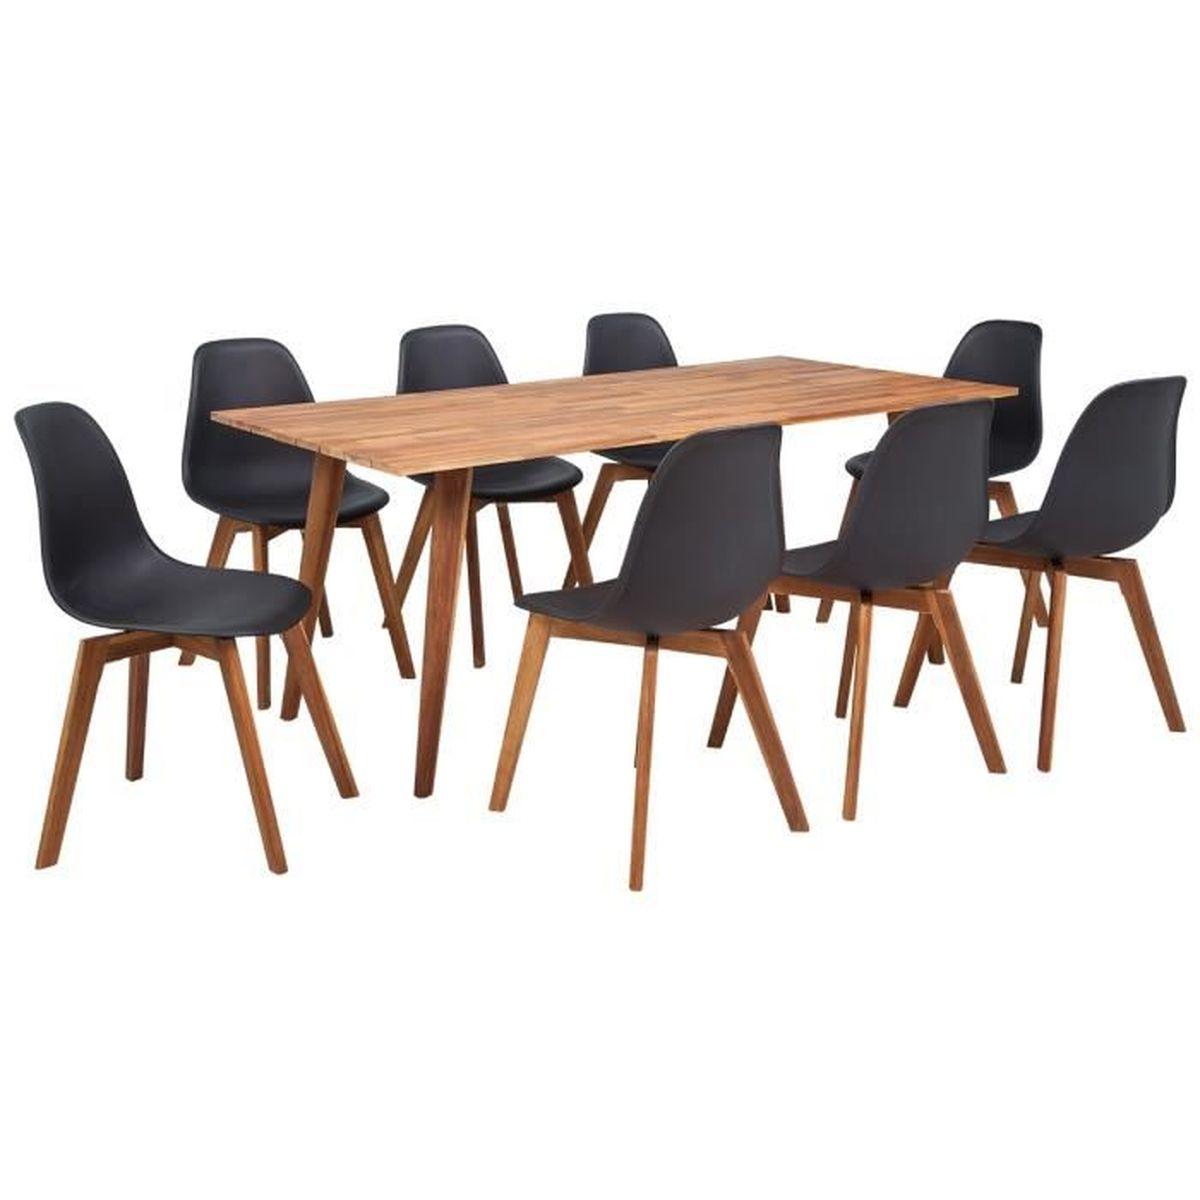 Set Complet De 8 Chaises Et Une Table Salle A Manger En Acacia 180 X